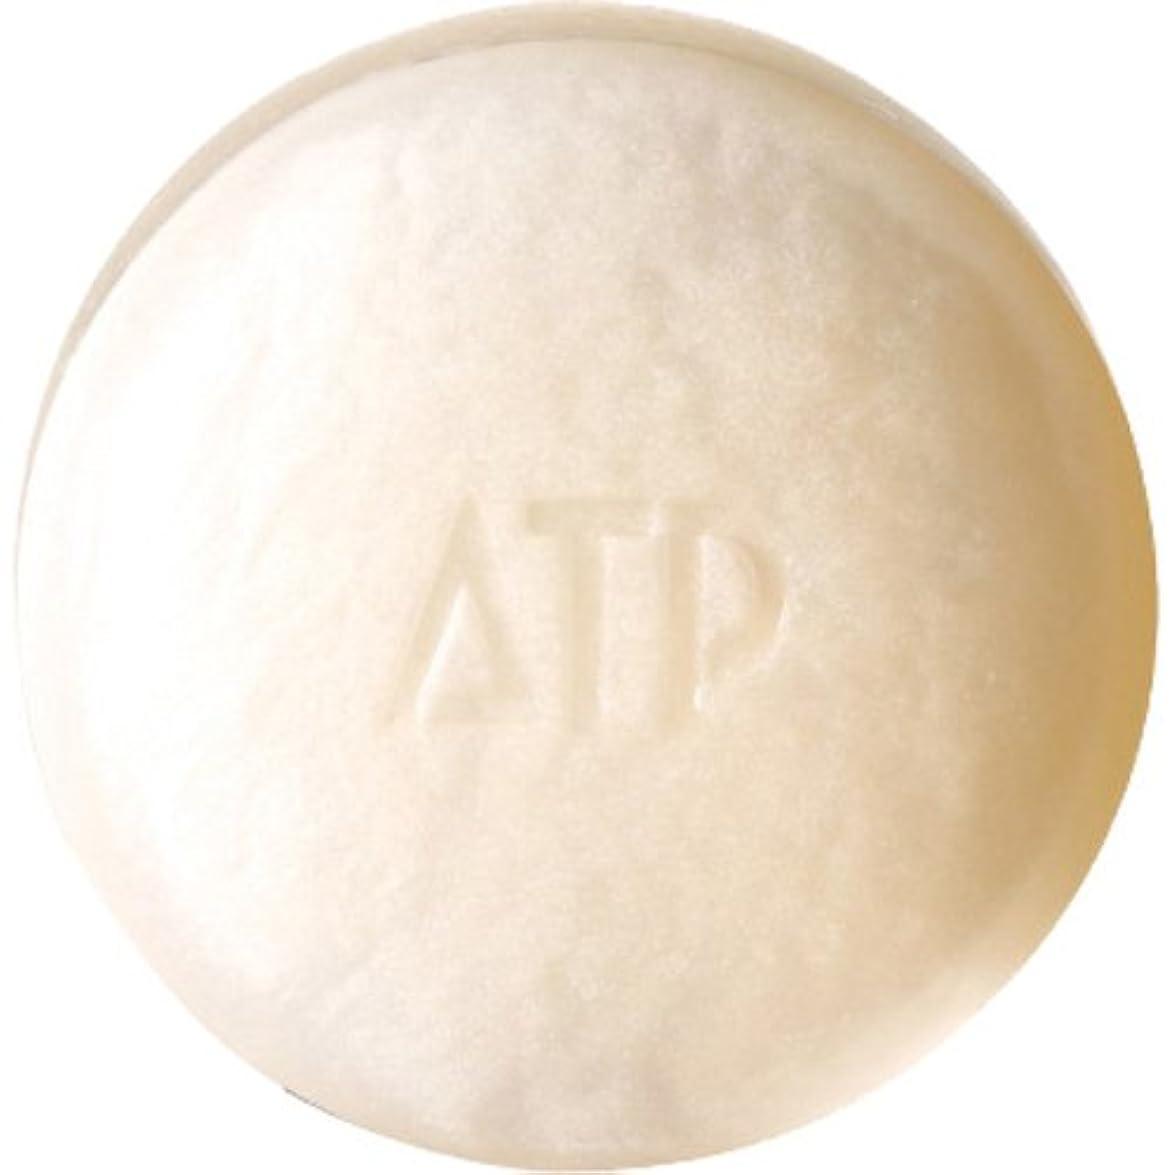 若者安定したとまり木薬用ATP デリケアソープ 100g ケースなし (全身用洗浄石けん?枠練り) [医薬部外品]